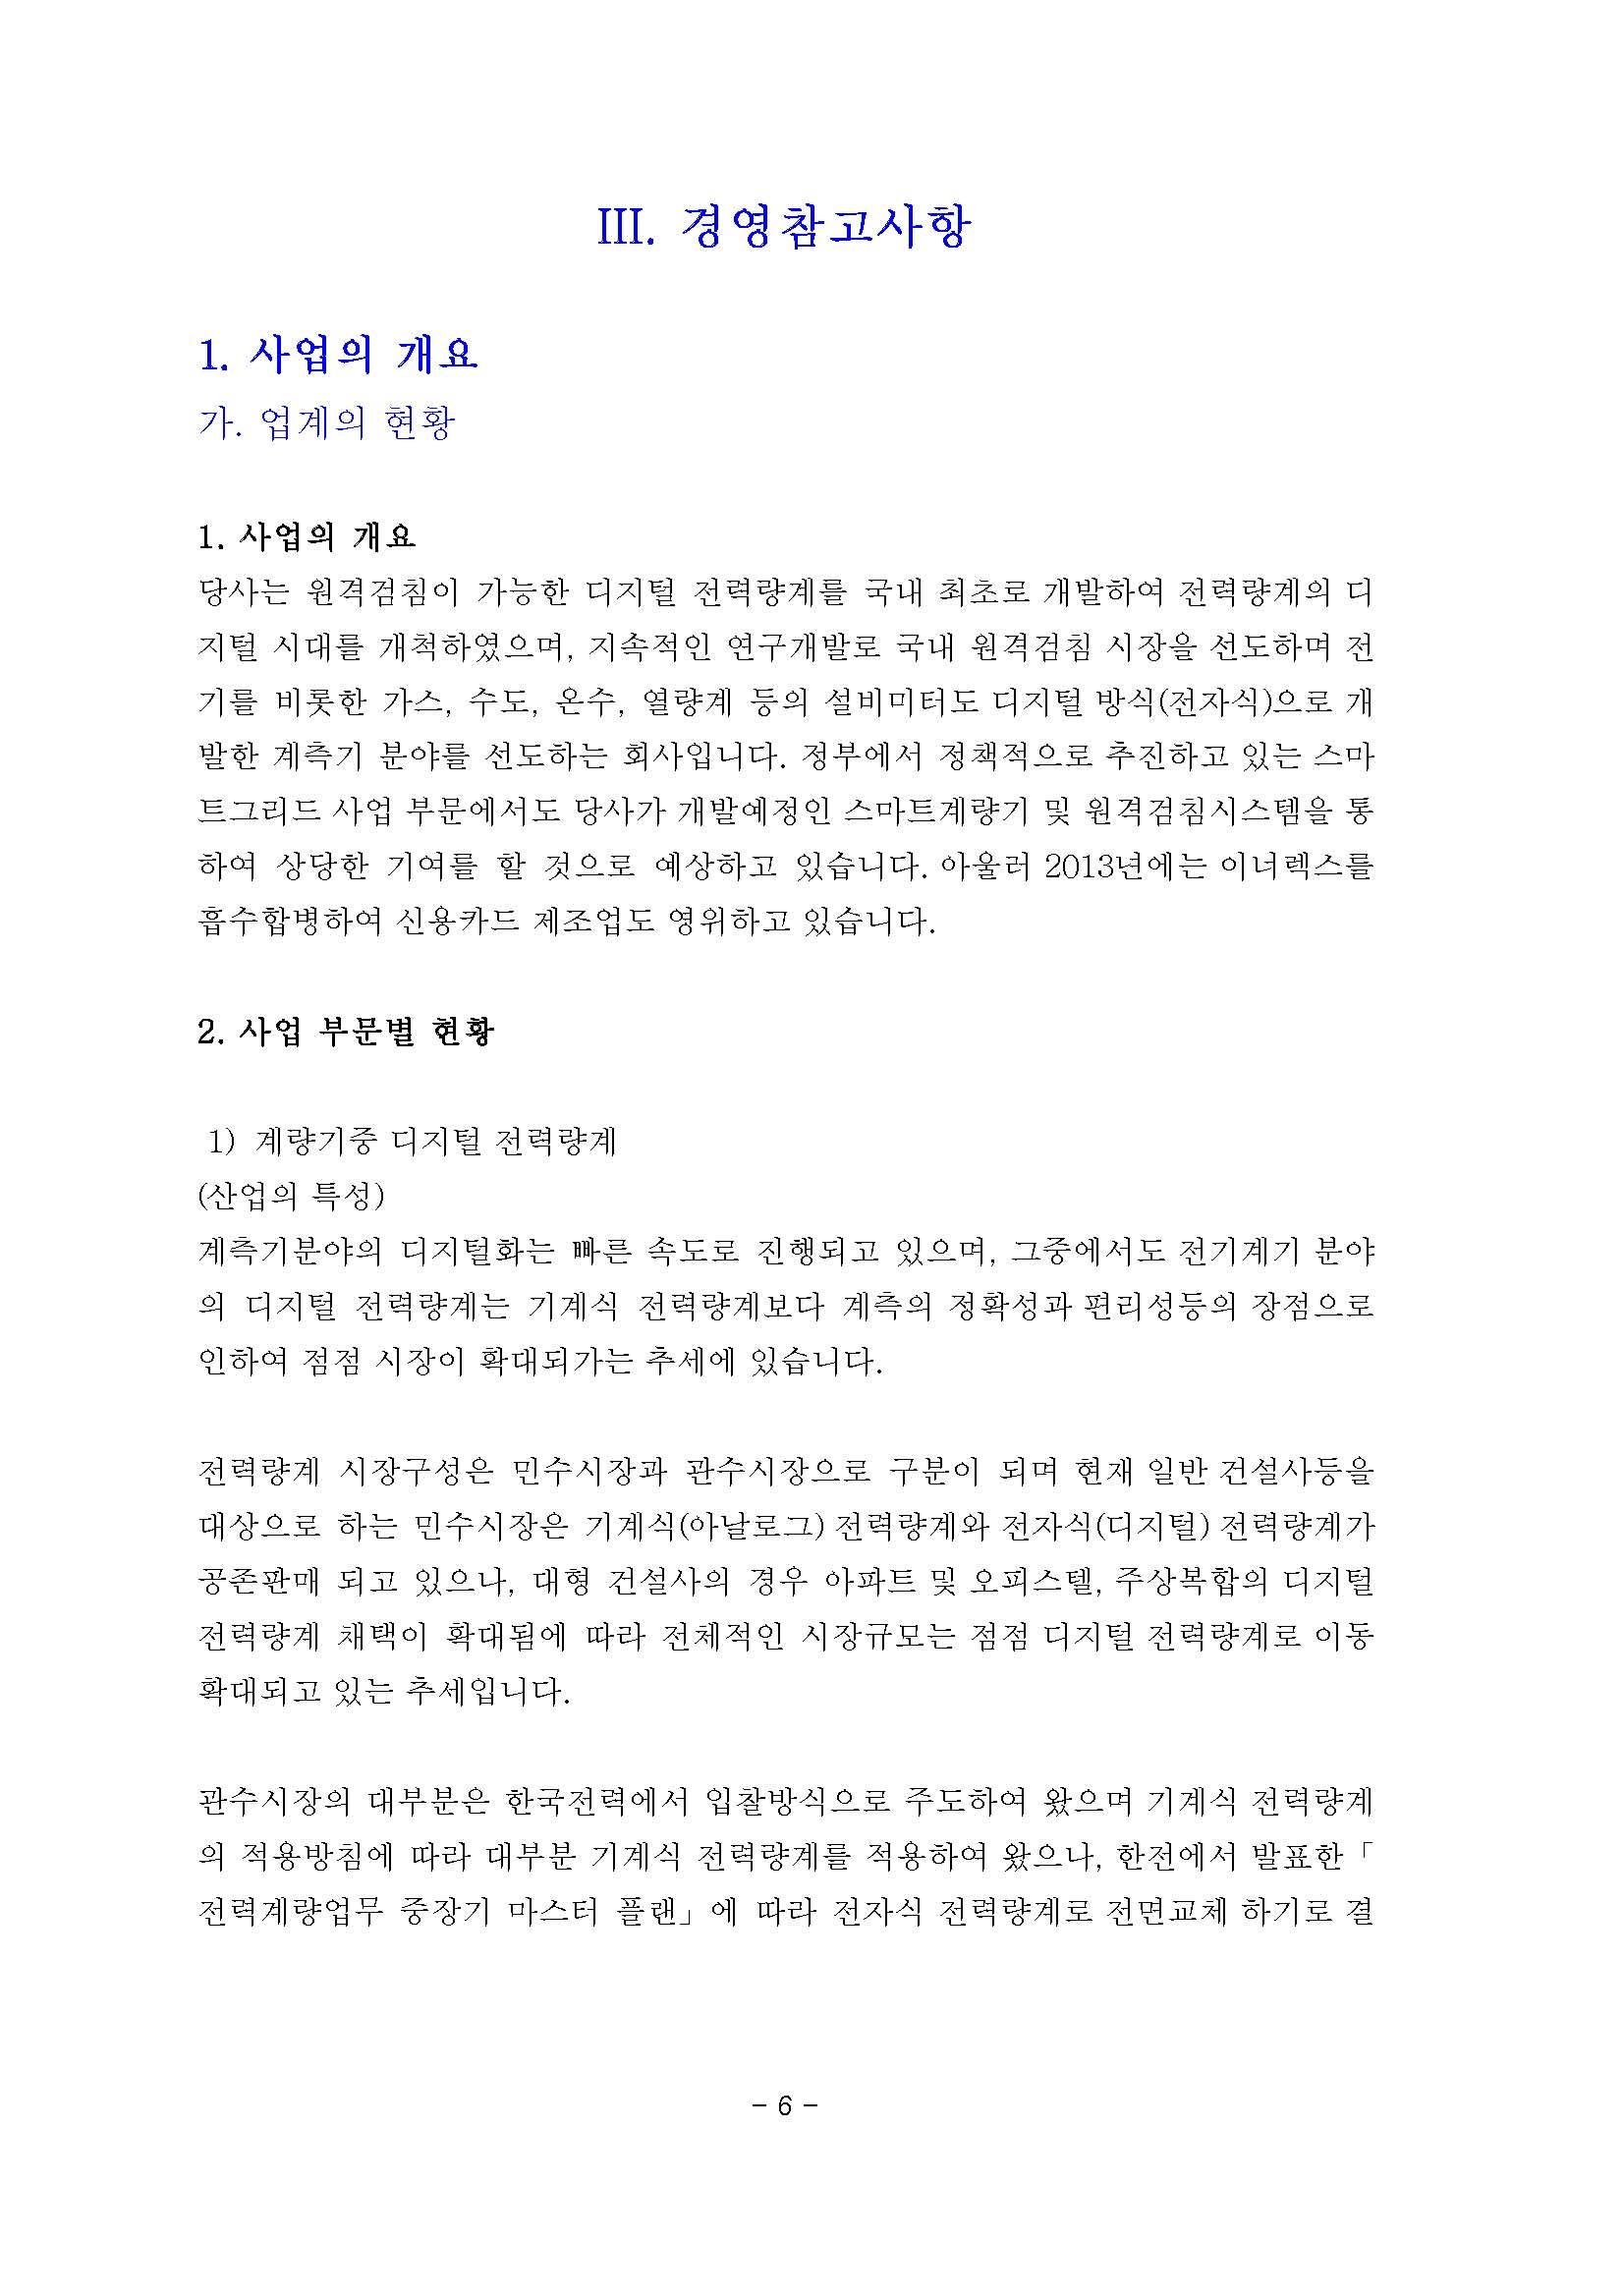 20180309 주주총회 소집공고-옴니시스템_페이지_07.jpg